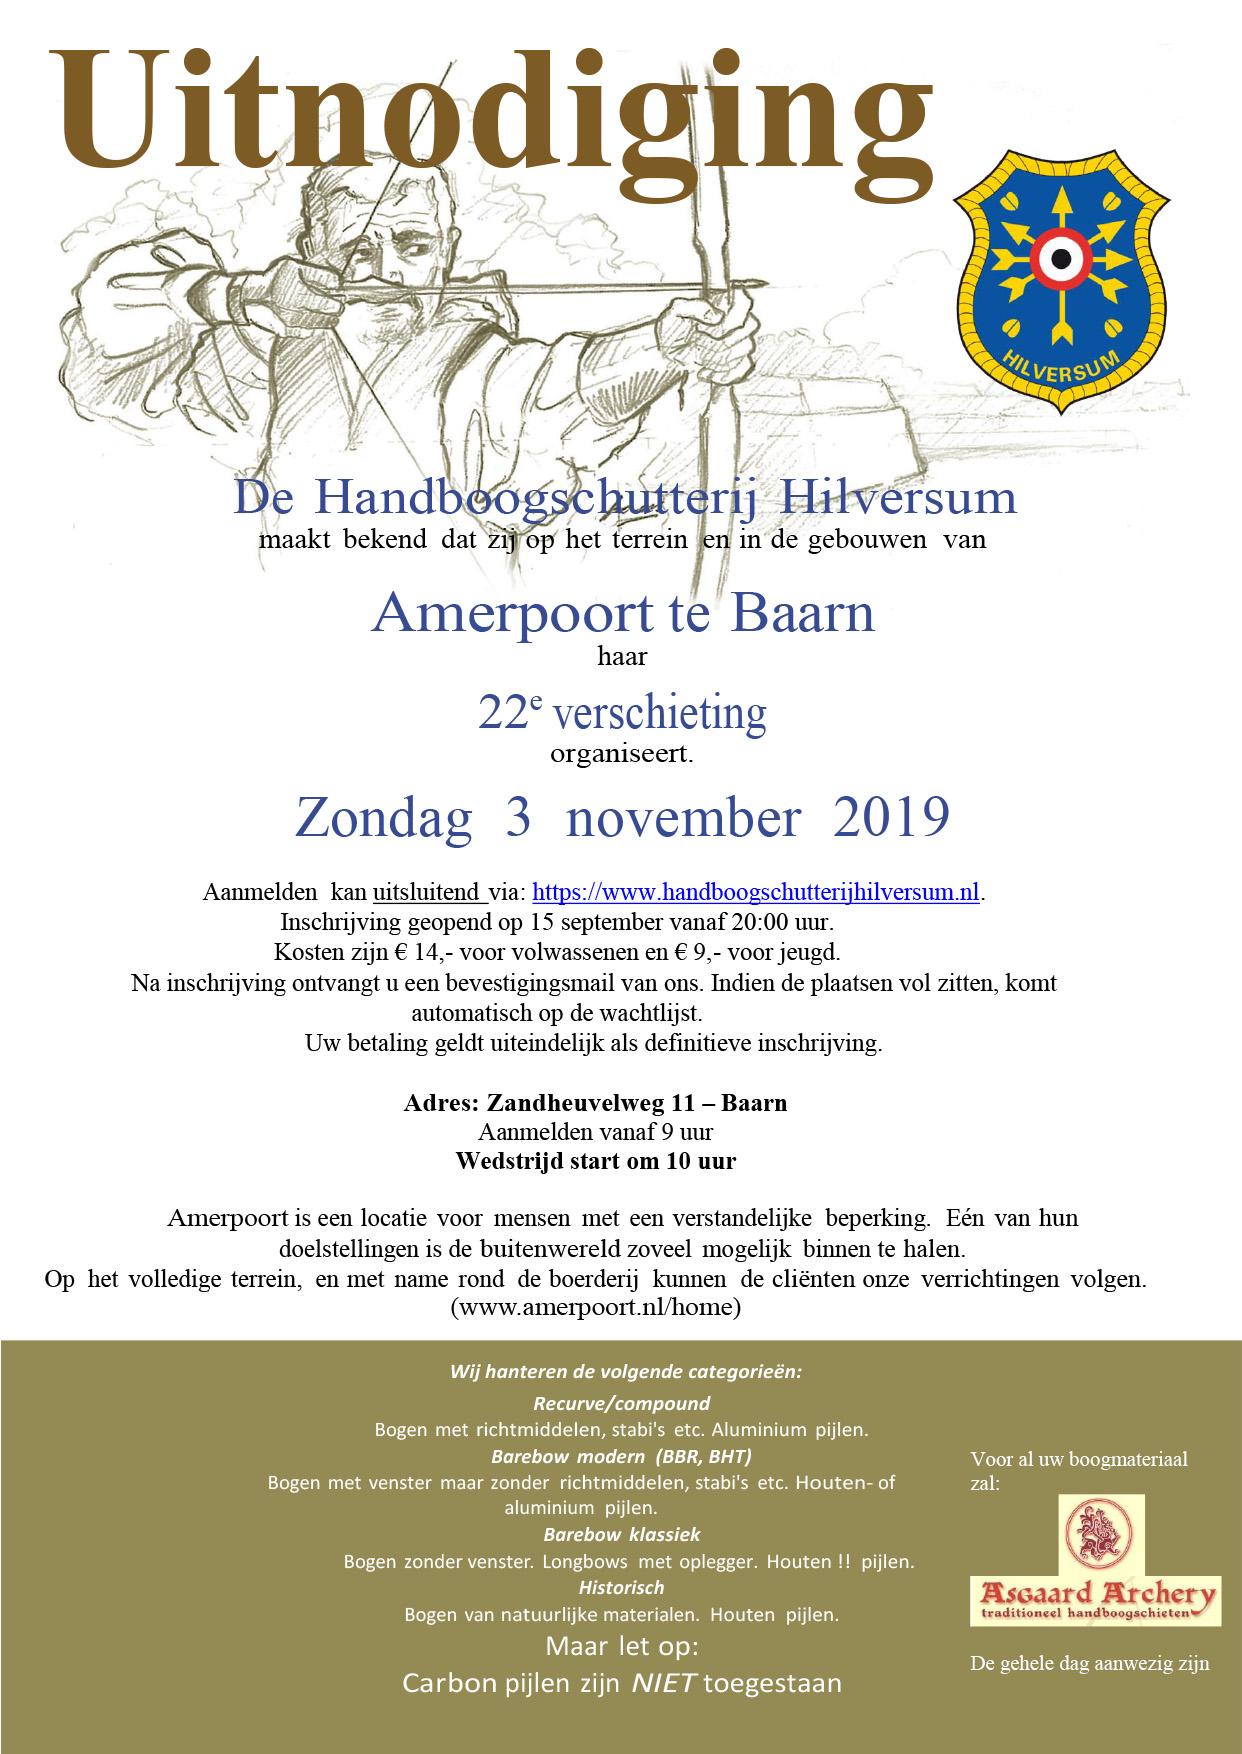 uitnodiging 2019